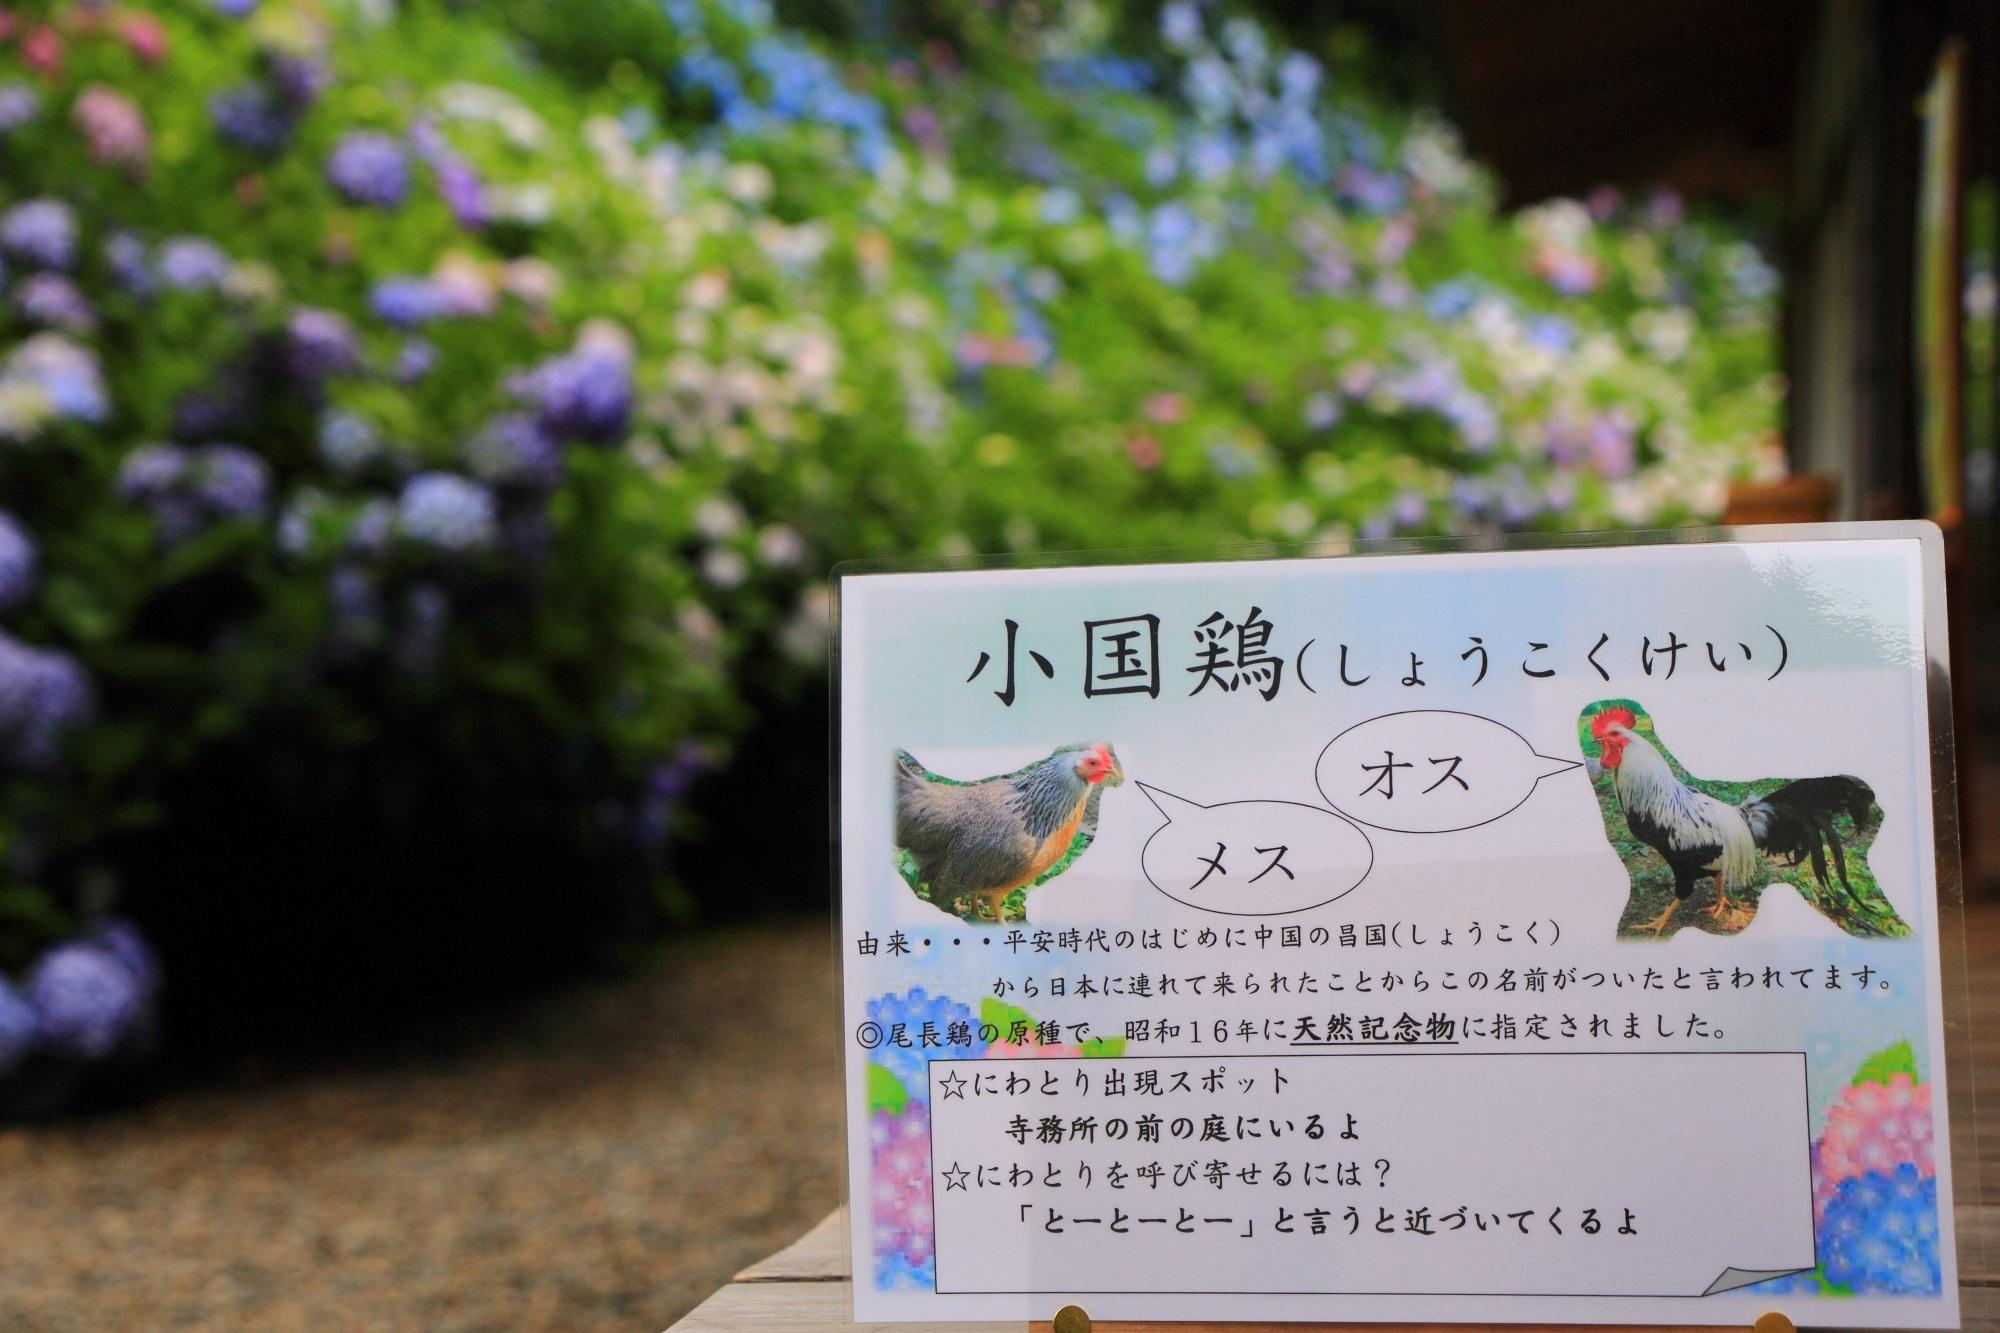 丹州観音寺の放し飼いにされている天然記念物の小国鶏(しょうこくけい)という鶏